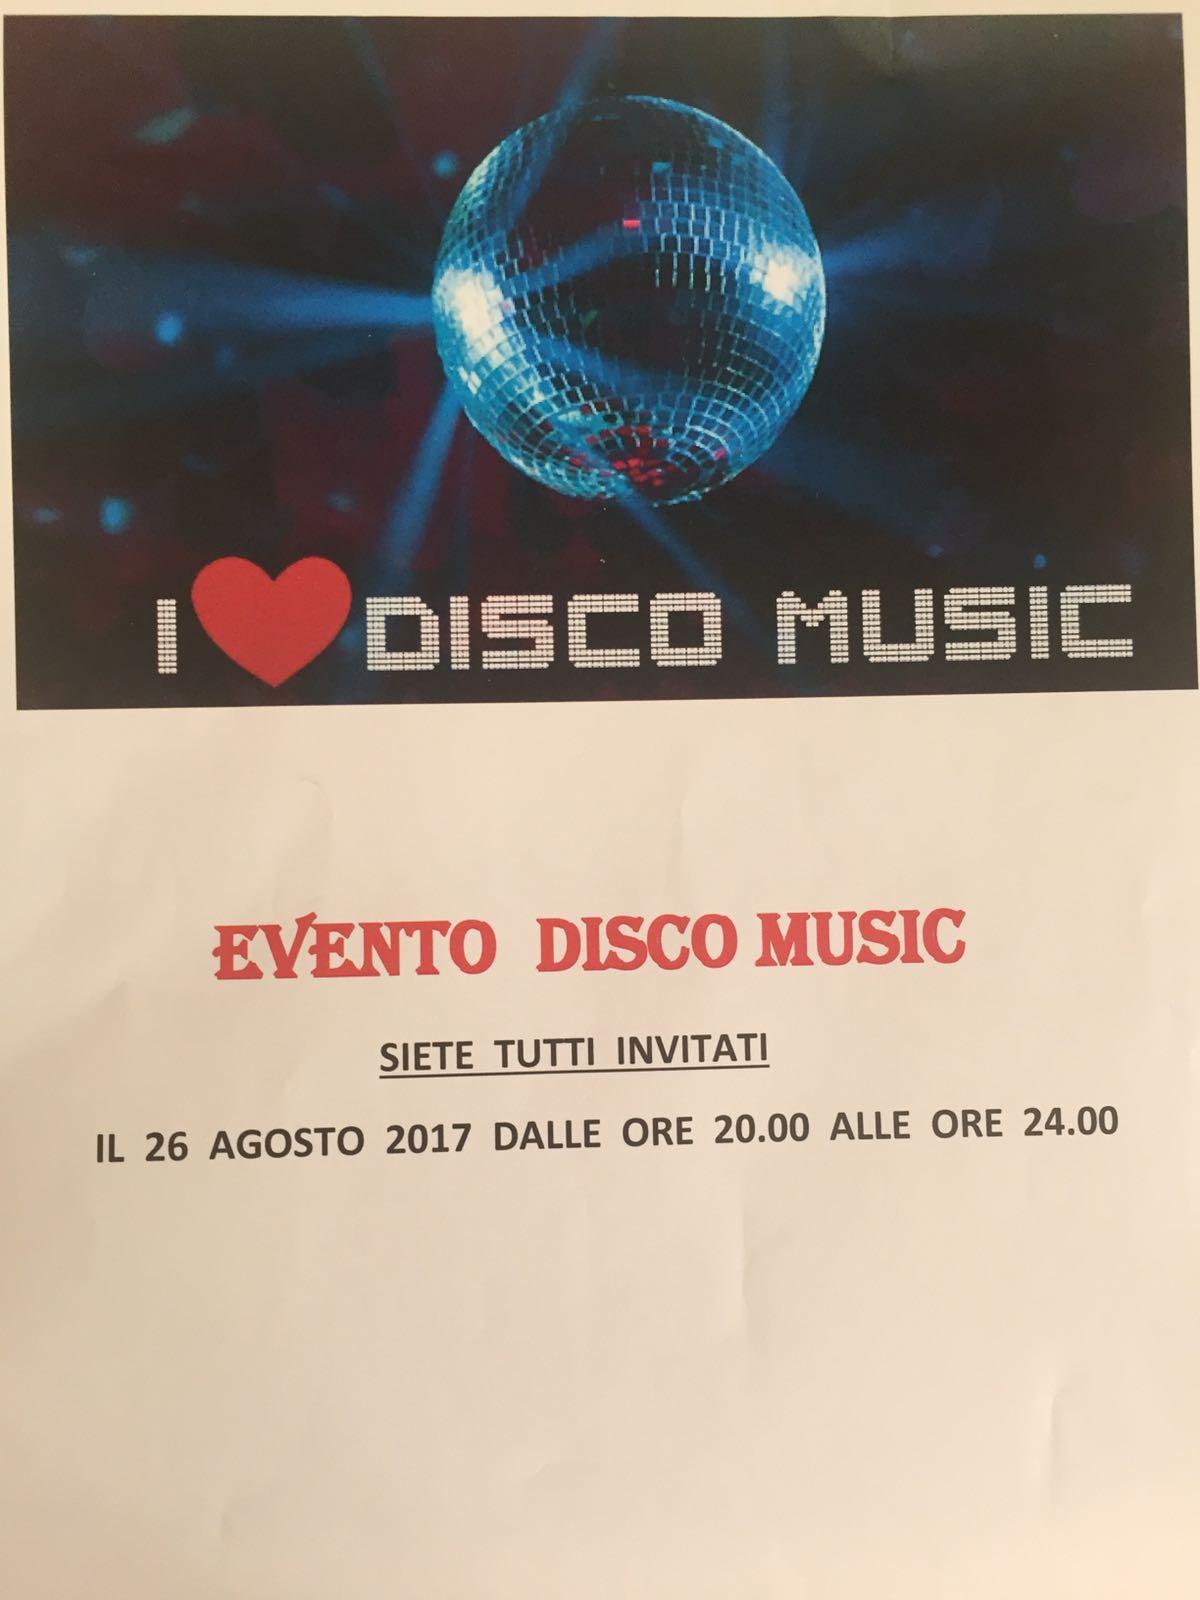 Evento disco music del 26 agosto 2017! Vieni e divertiti con noi!!!